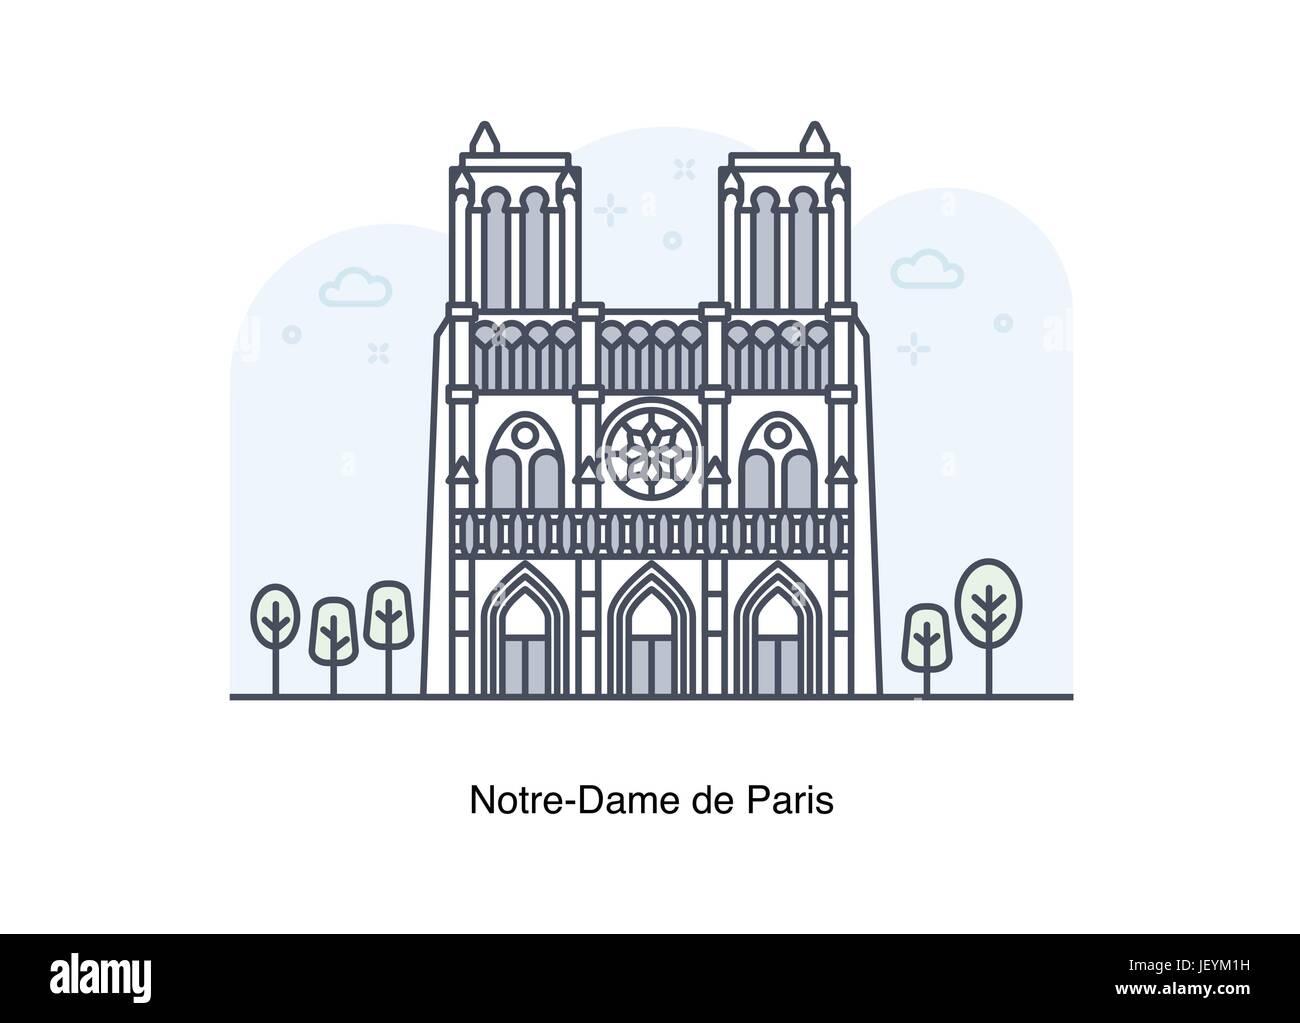 Vector line illustration of Notre-Dame de Paris, France. - Stock Image